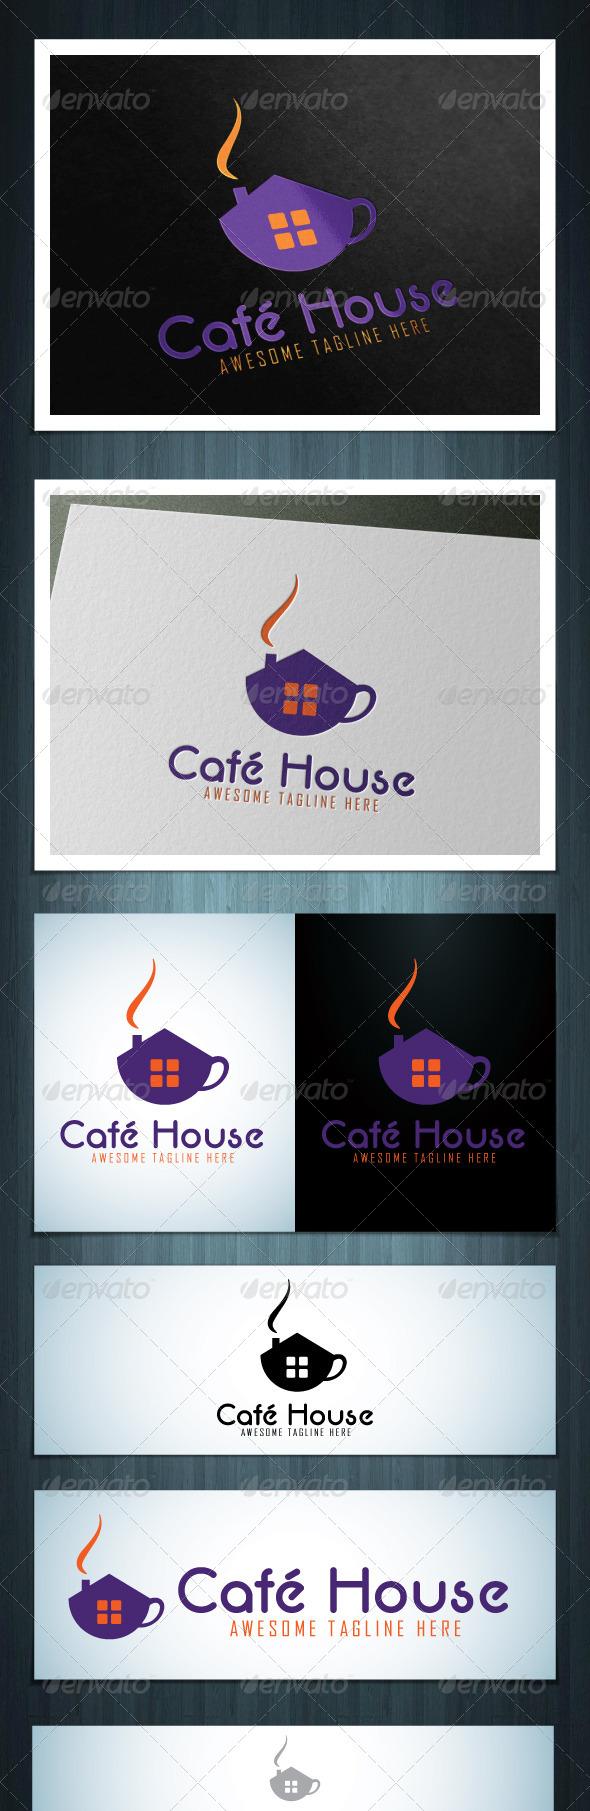 GraphicRiver Cafe House 5563392